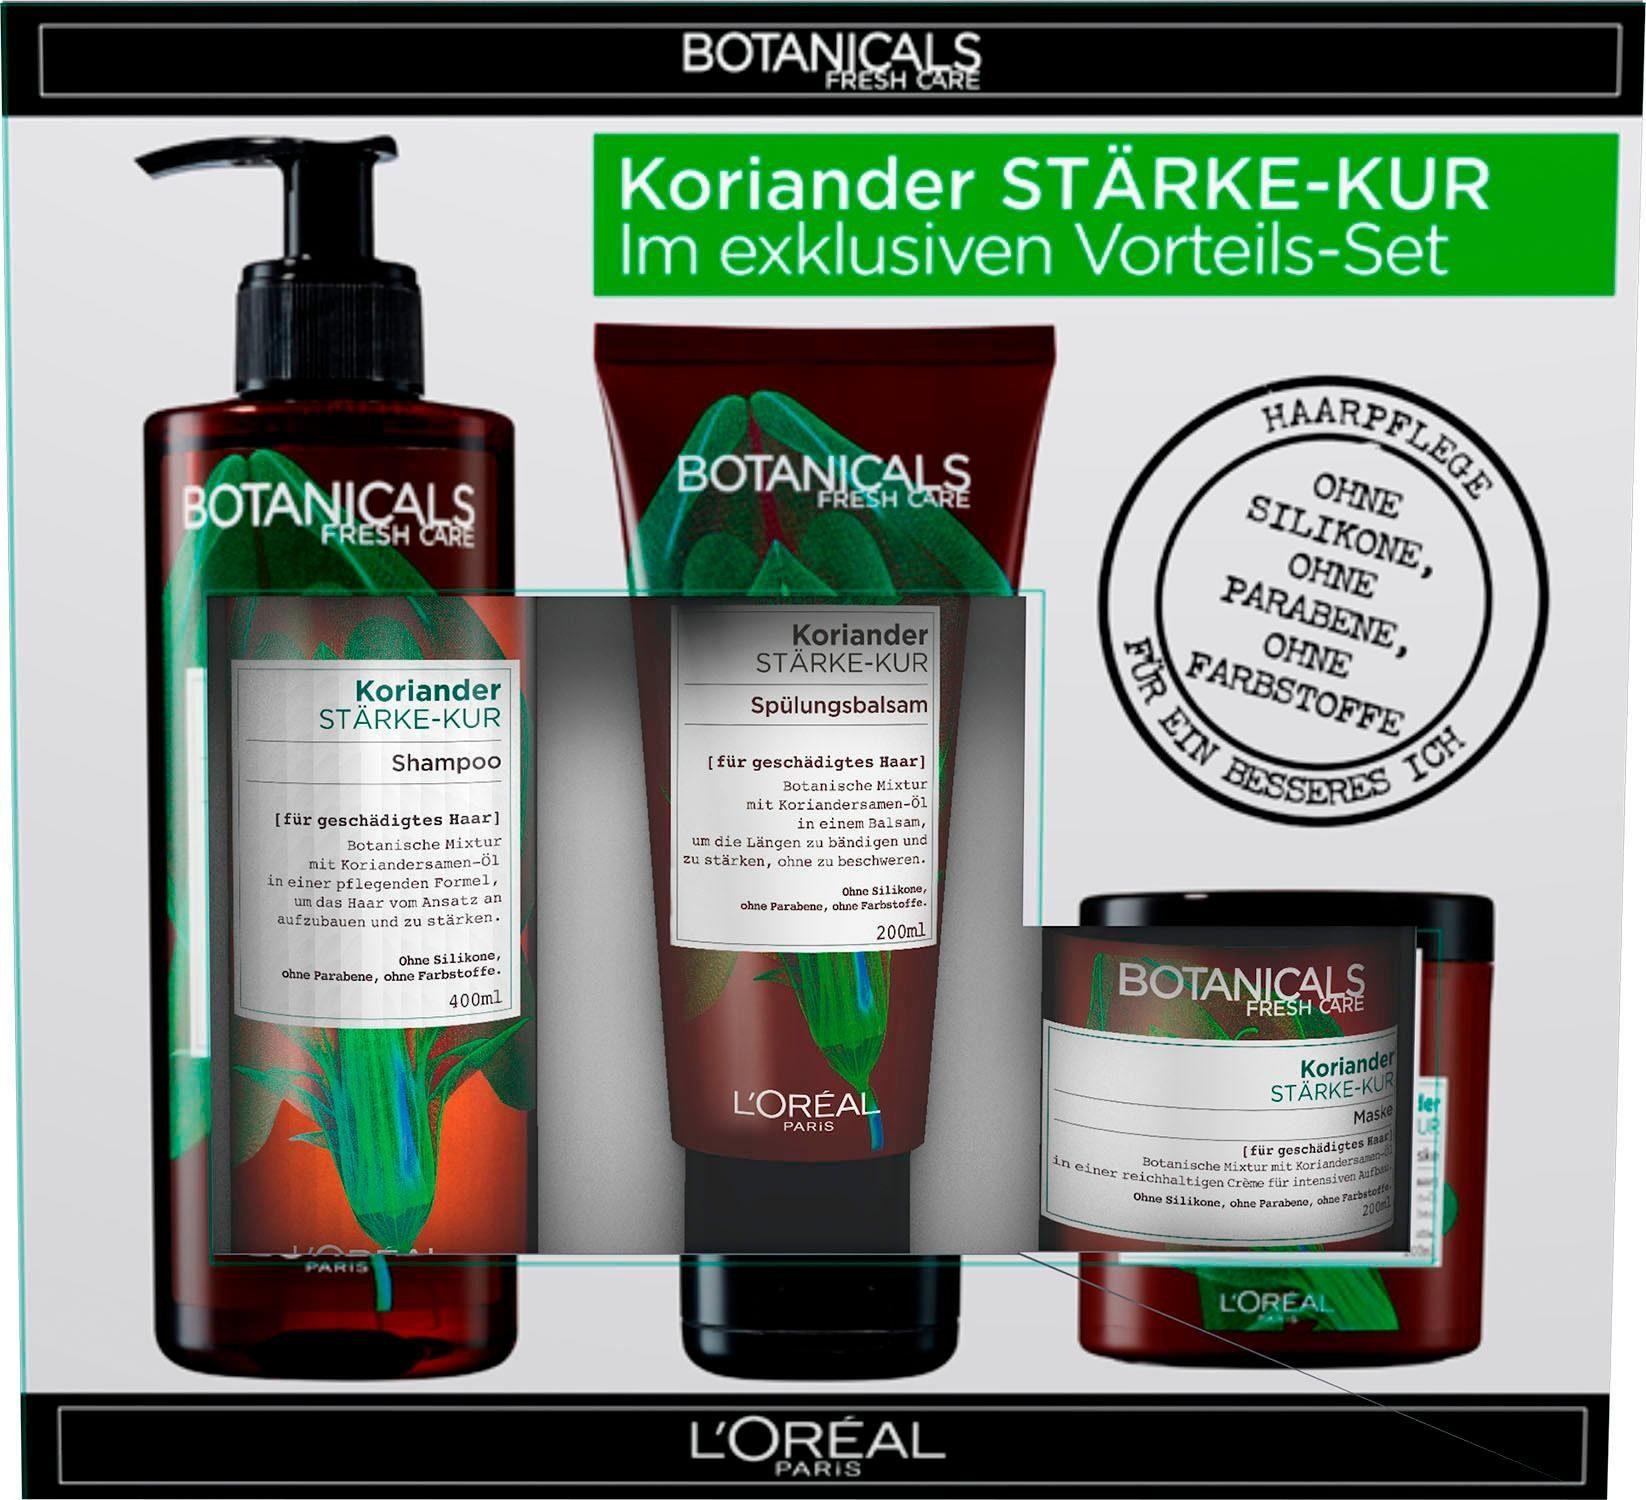 BOTANICALS, »Koriander Stärke-Kur Vorteils-Set«, Haarpflege